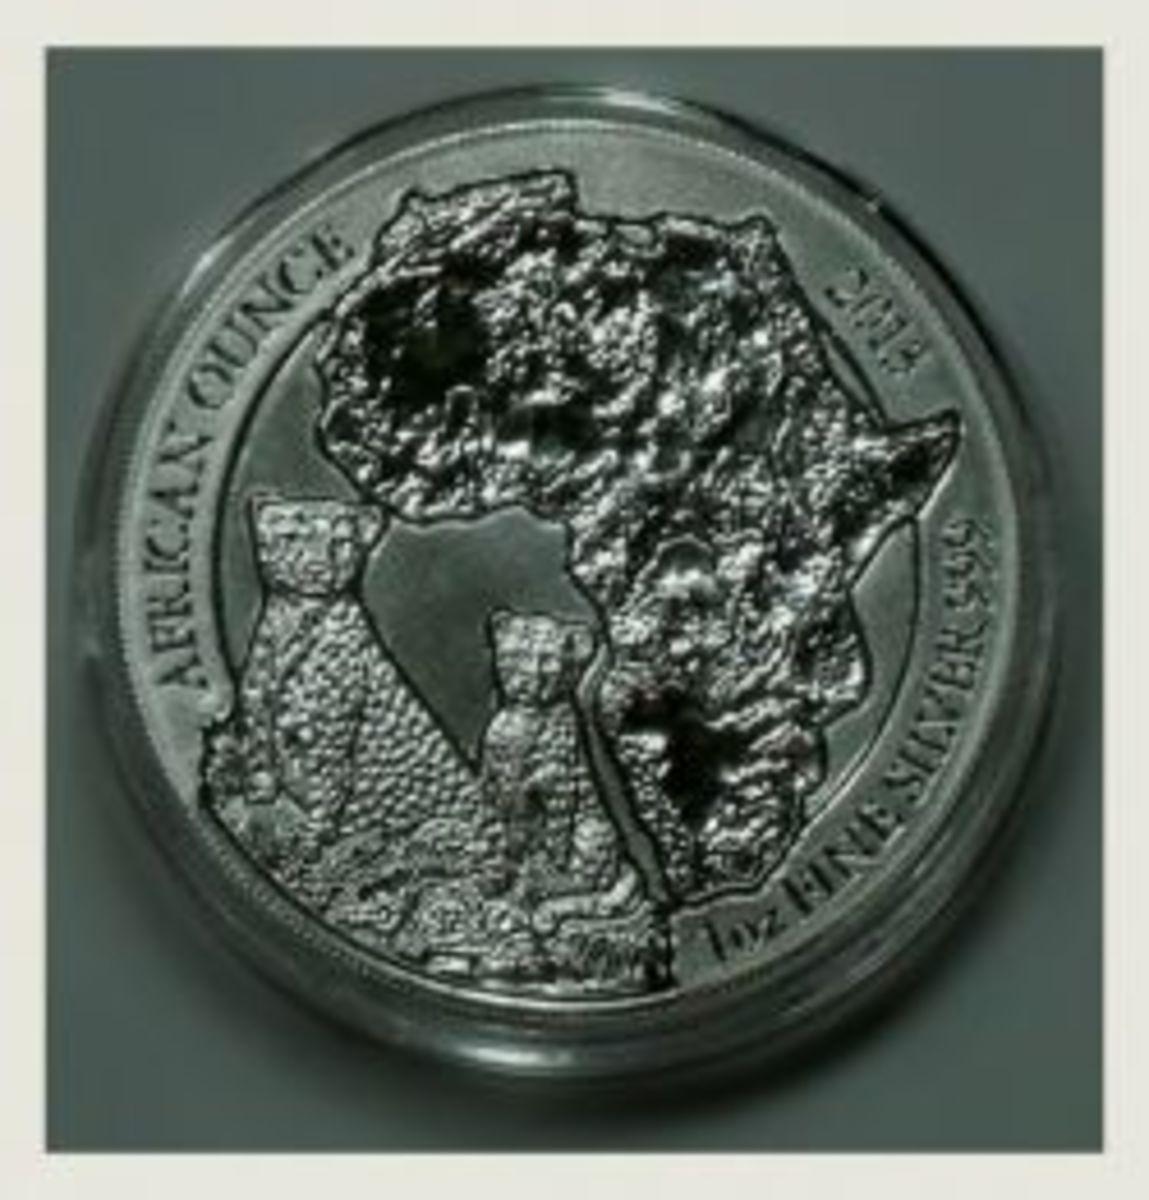 2013 Rwanda Silver Cheetah Coin